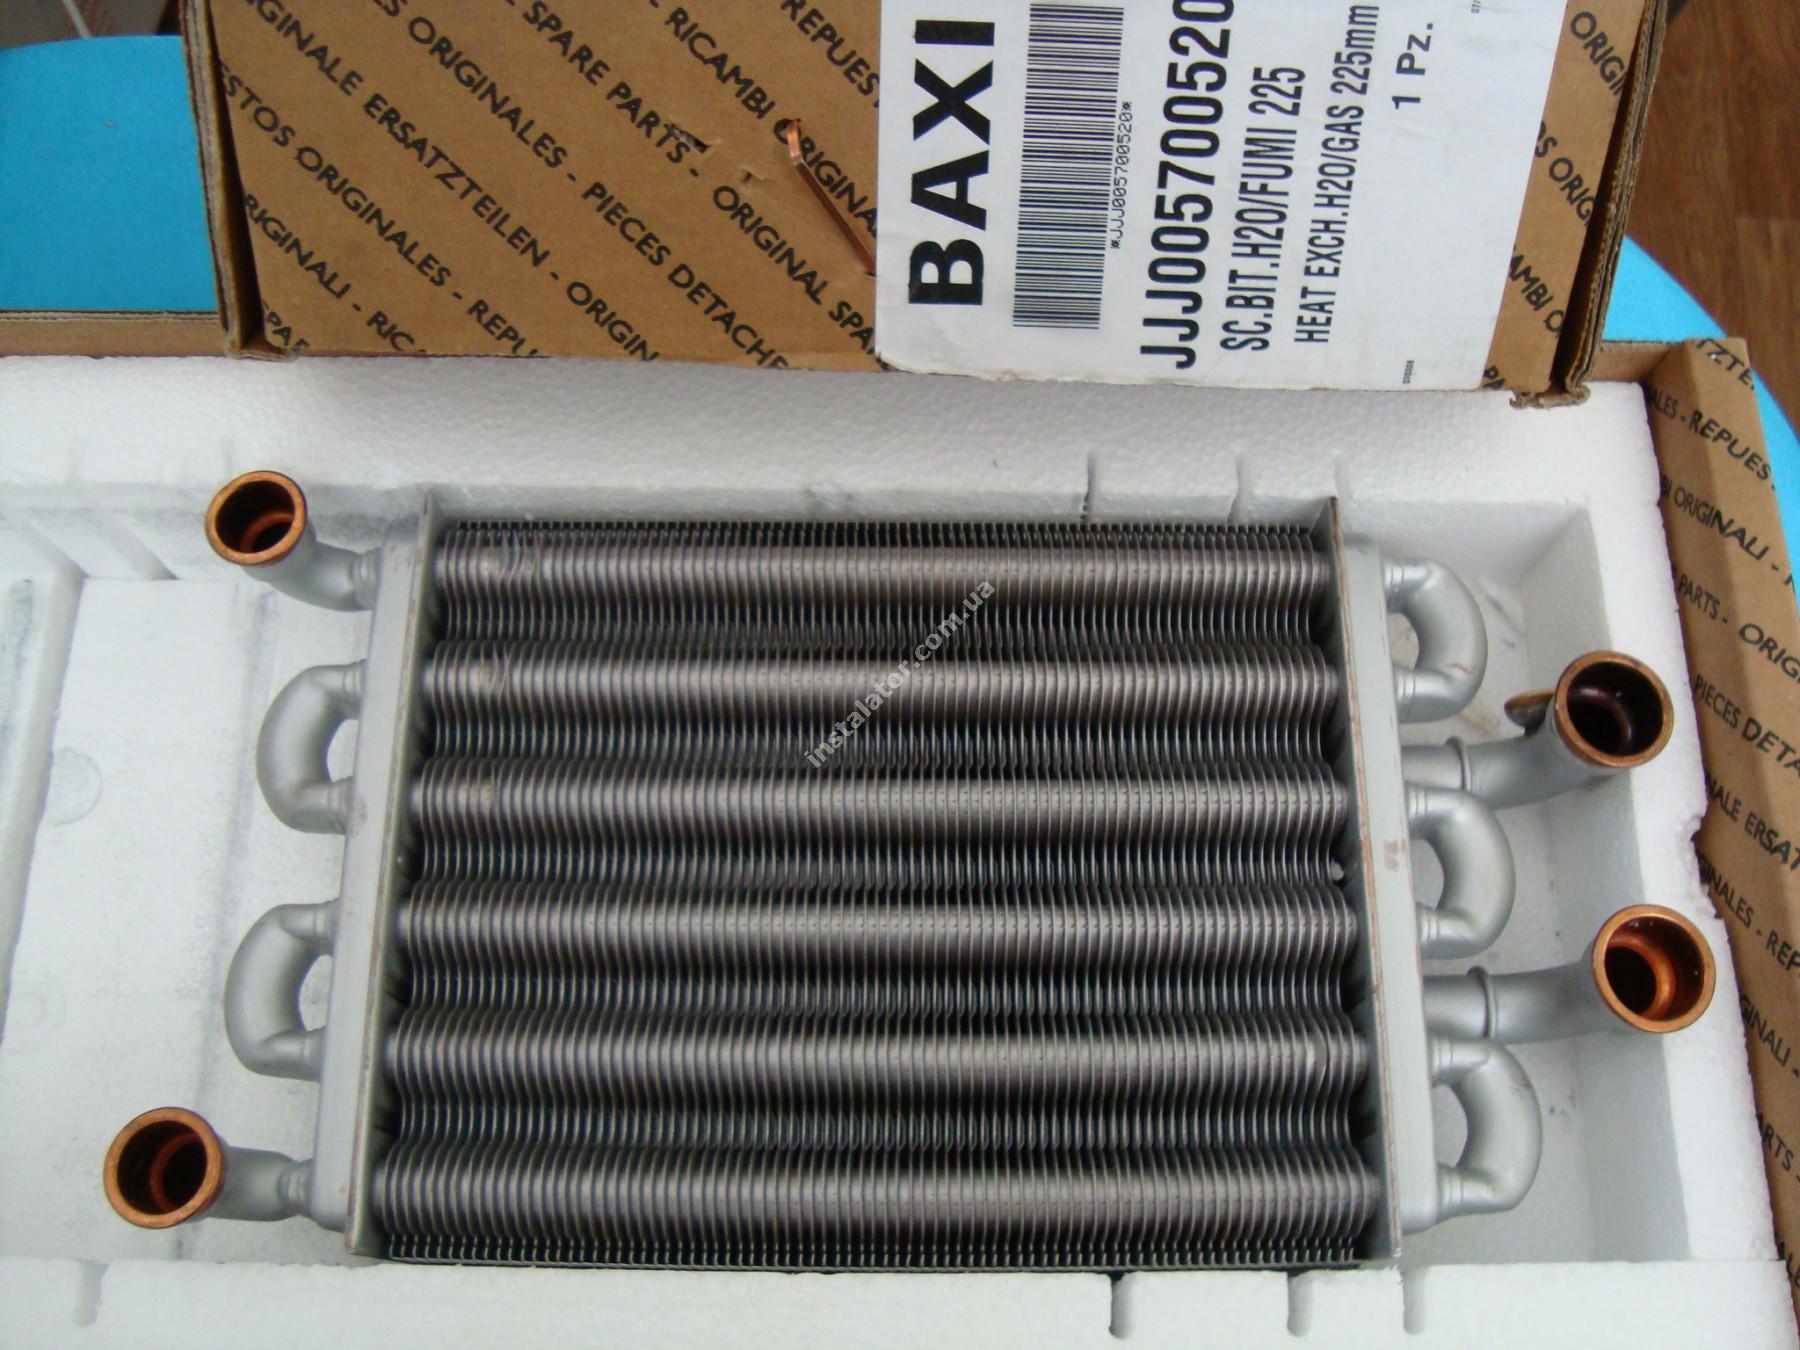 5700520 Теплообмінник бітермічний BAXI full-image-2